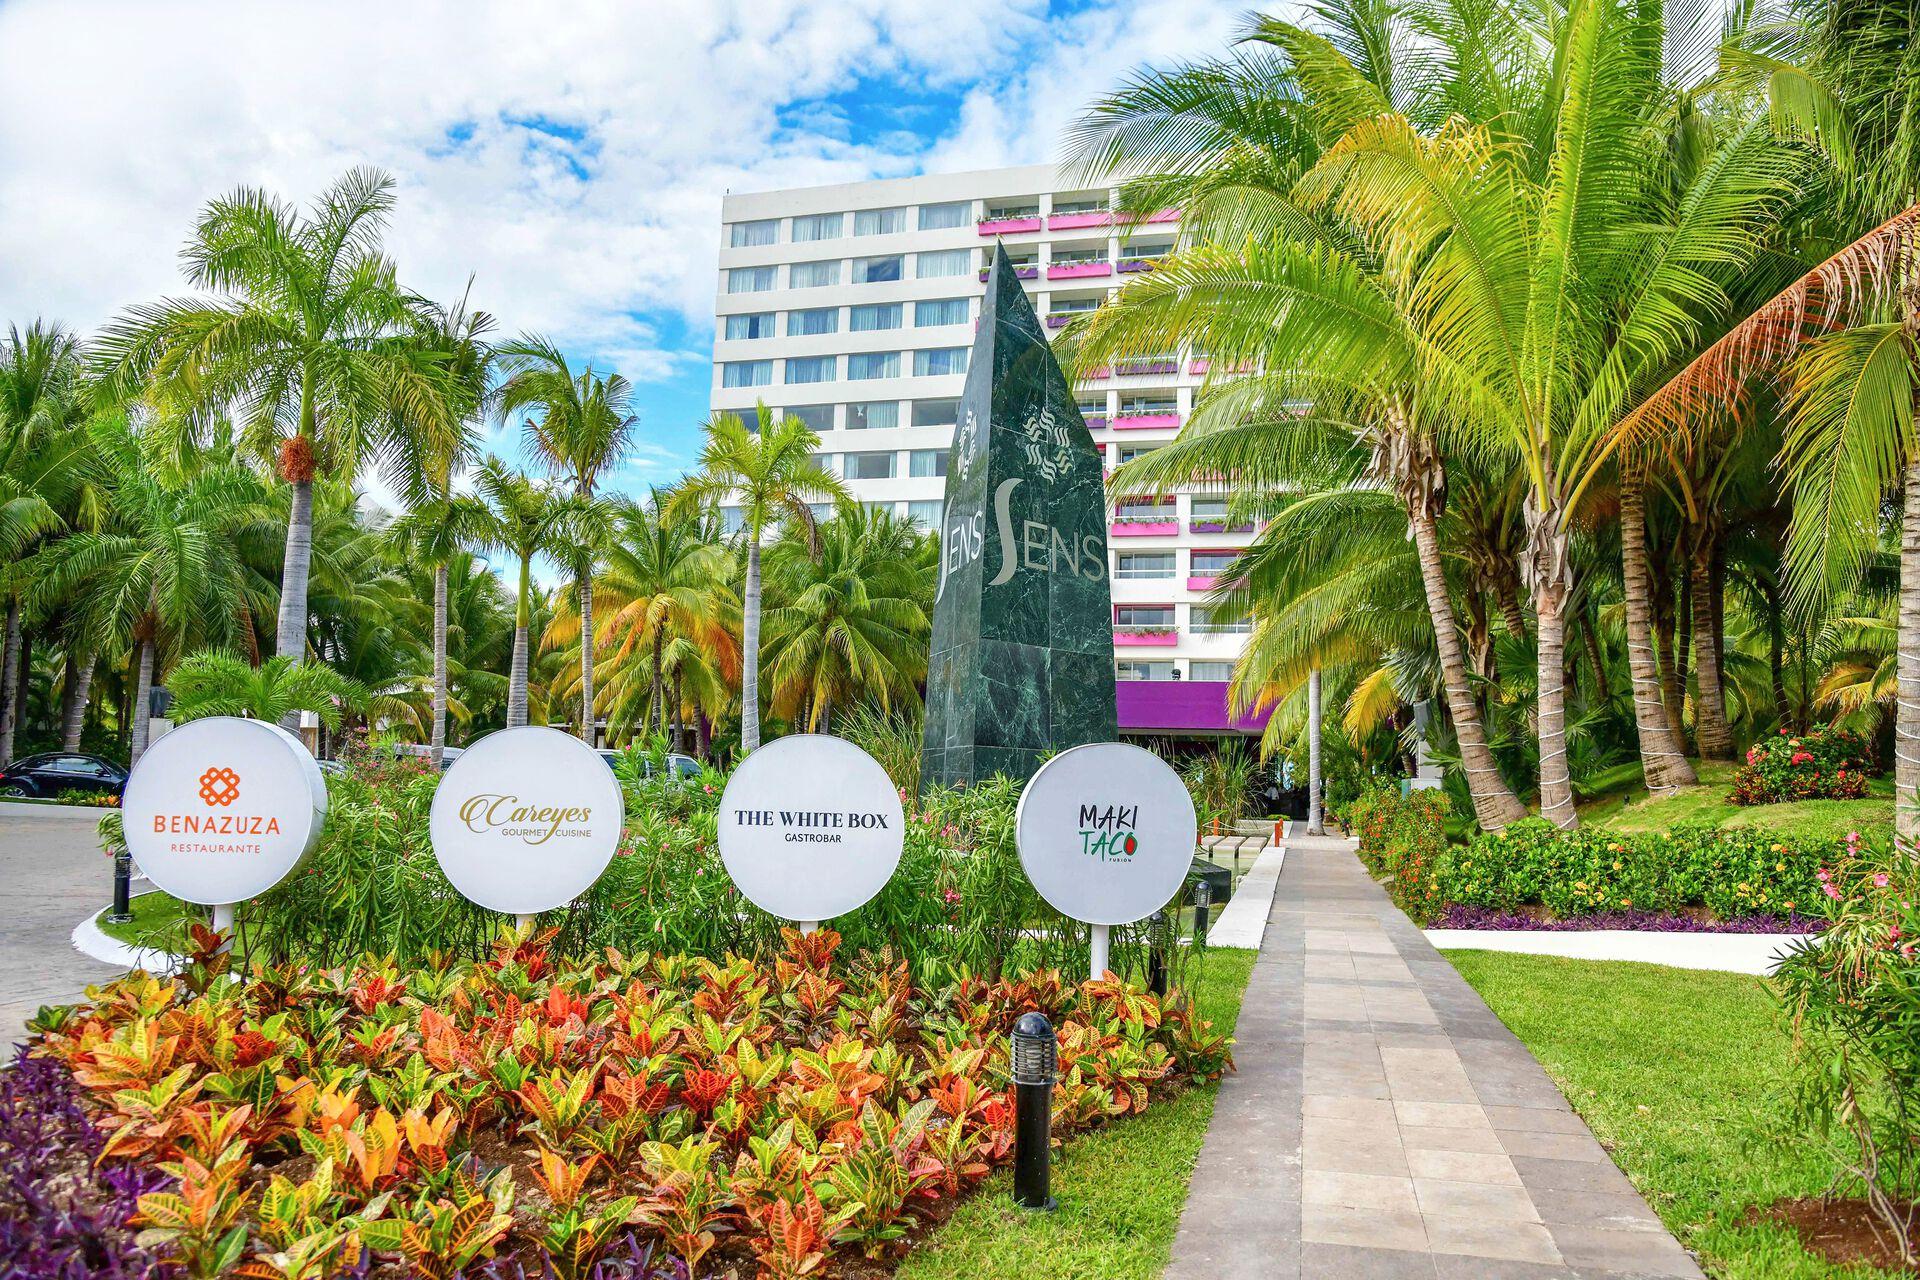 Grand Sens Cancun - 5*